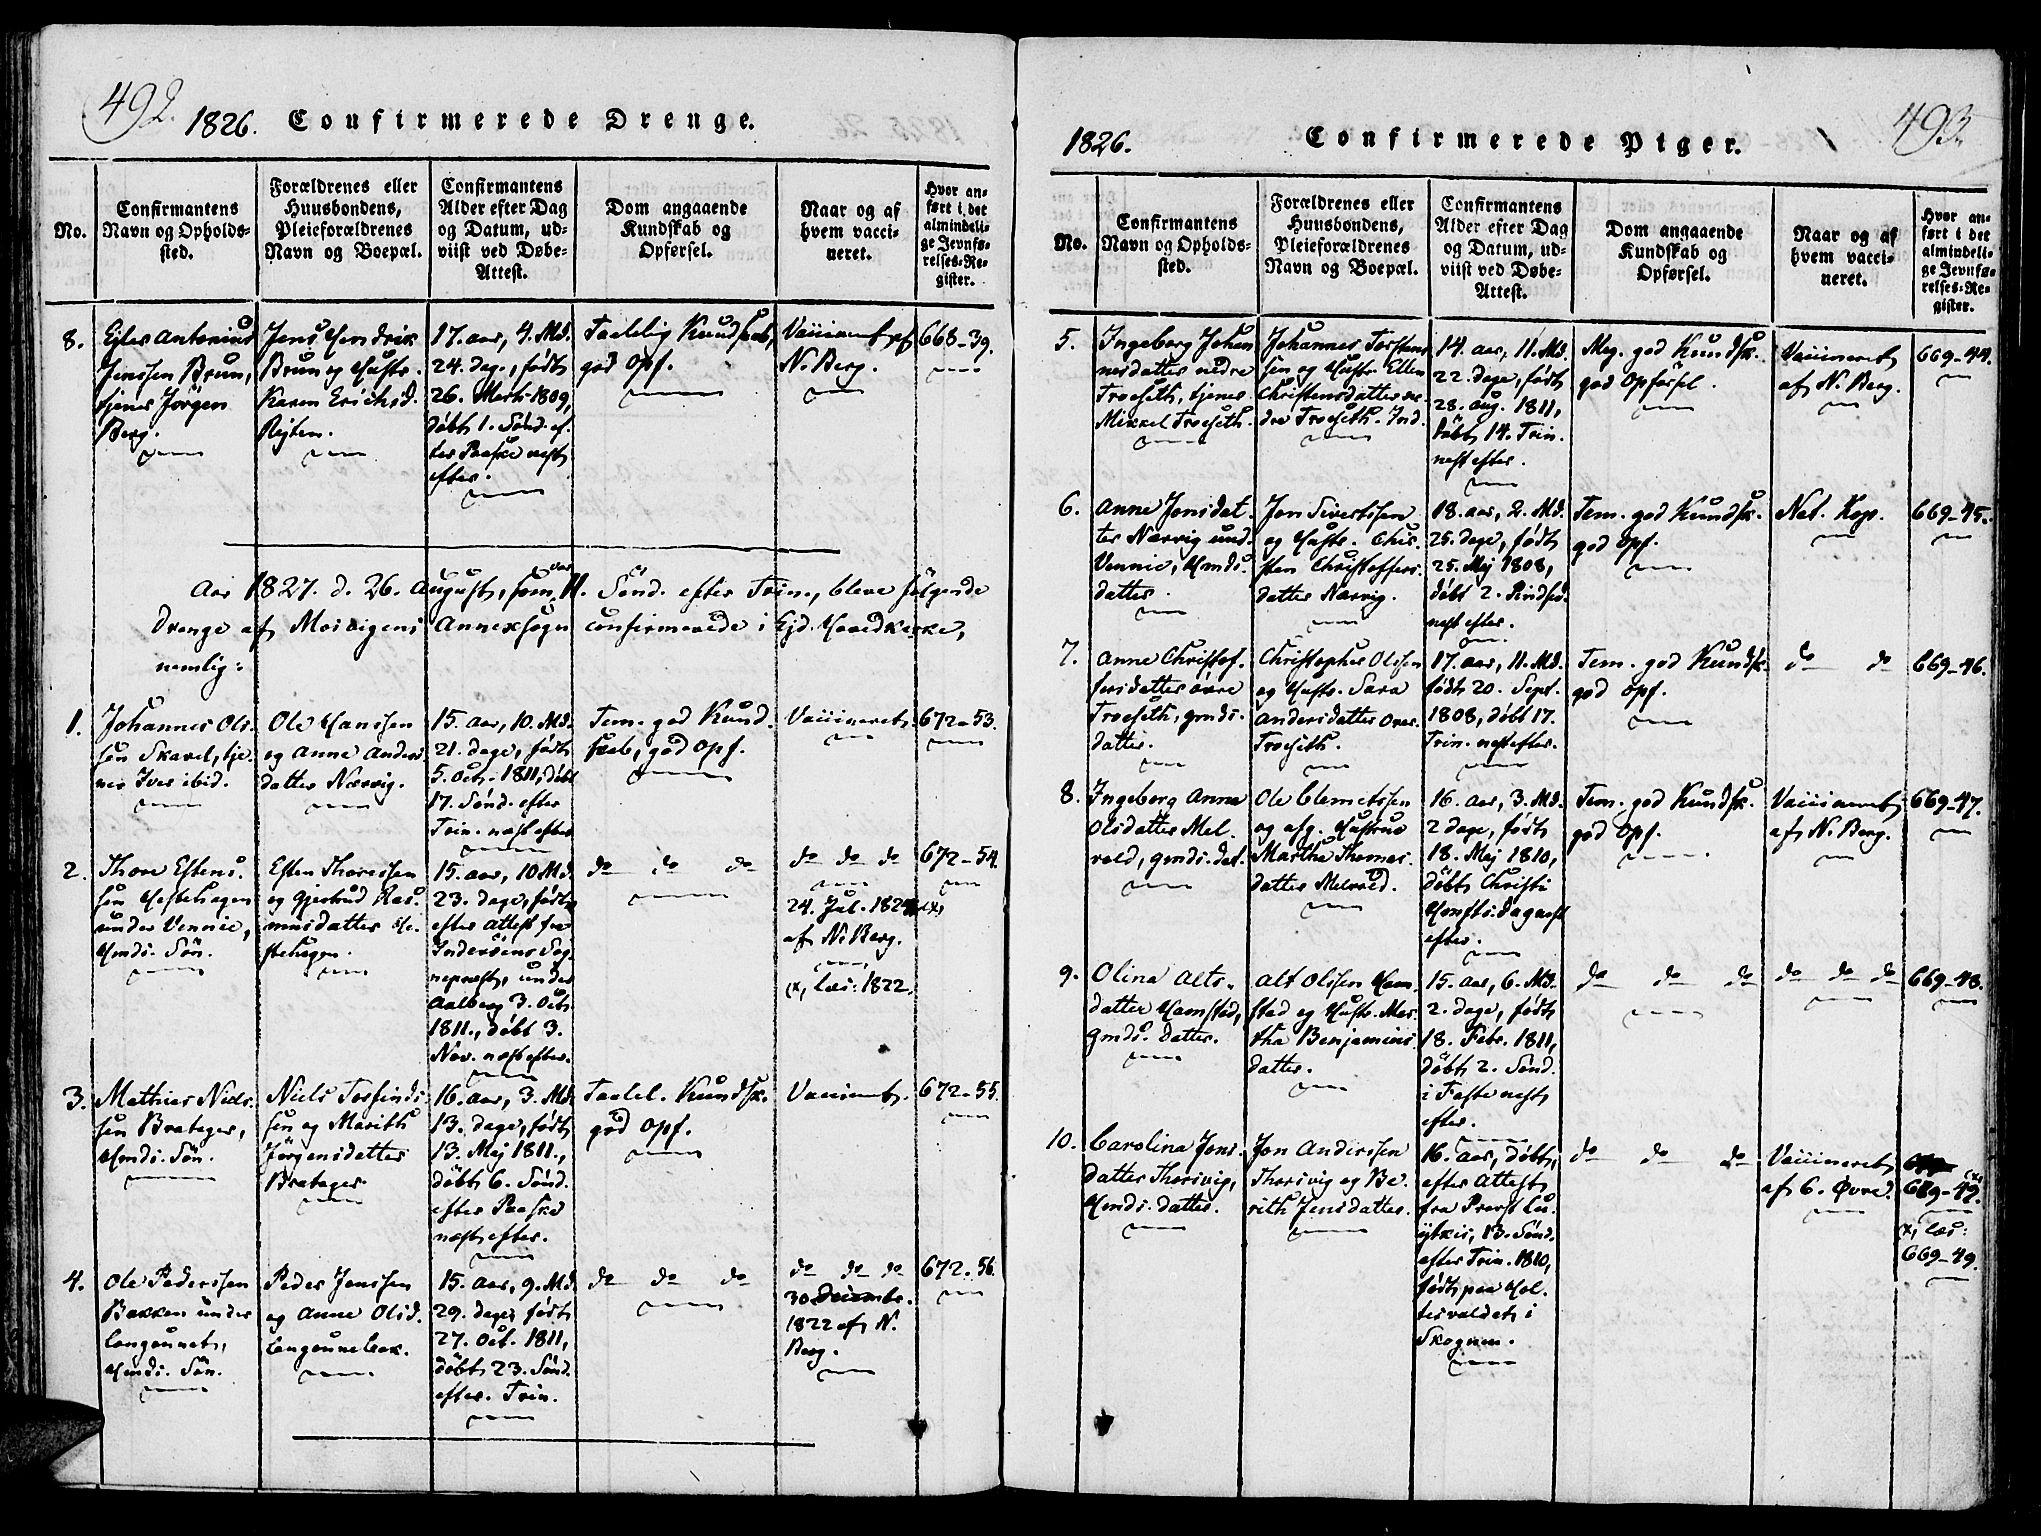 SAT, Ministerialprotokoller, klokkerbøker og fødselsregistre - Nord-Trøndelag, 733/L0322: Ministerialbok nr. 733A01, 1817-1842, s. 492-493